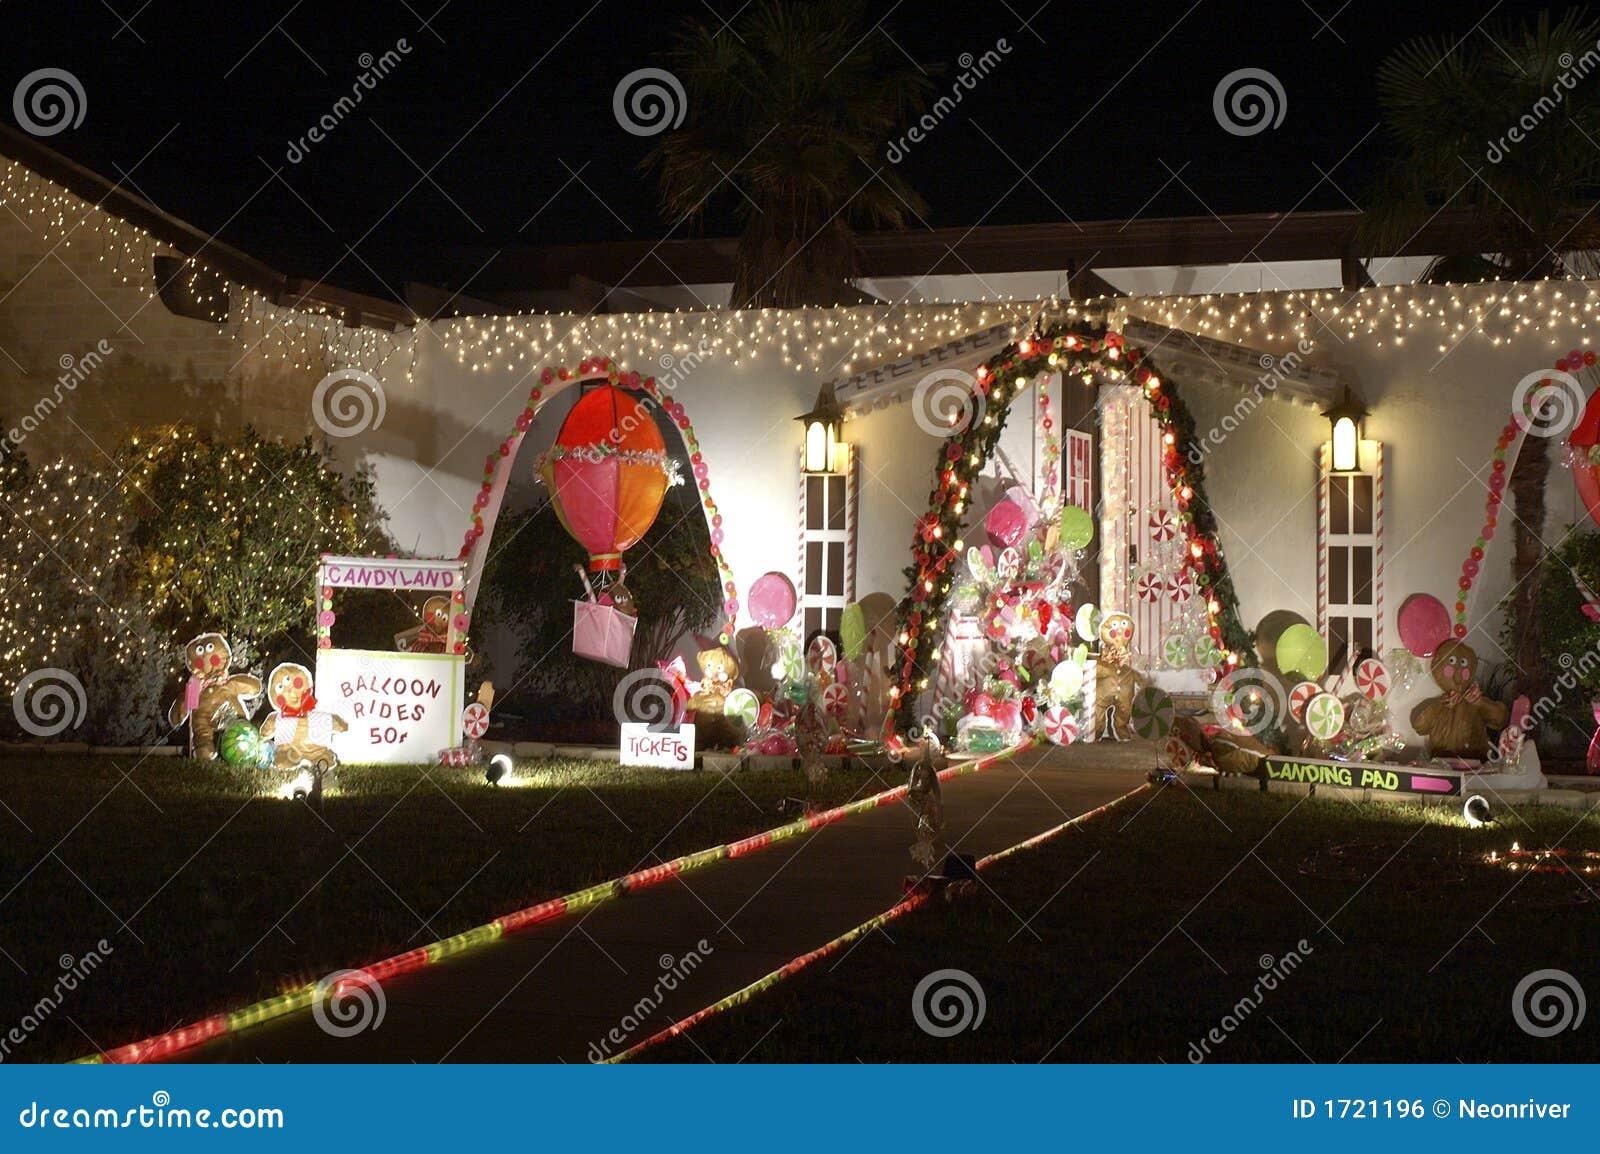 candyland christmas lights - Windcrest Christmas Lights